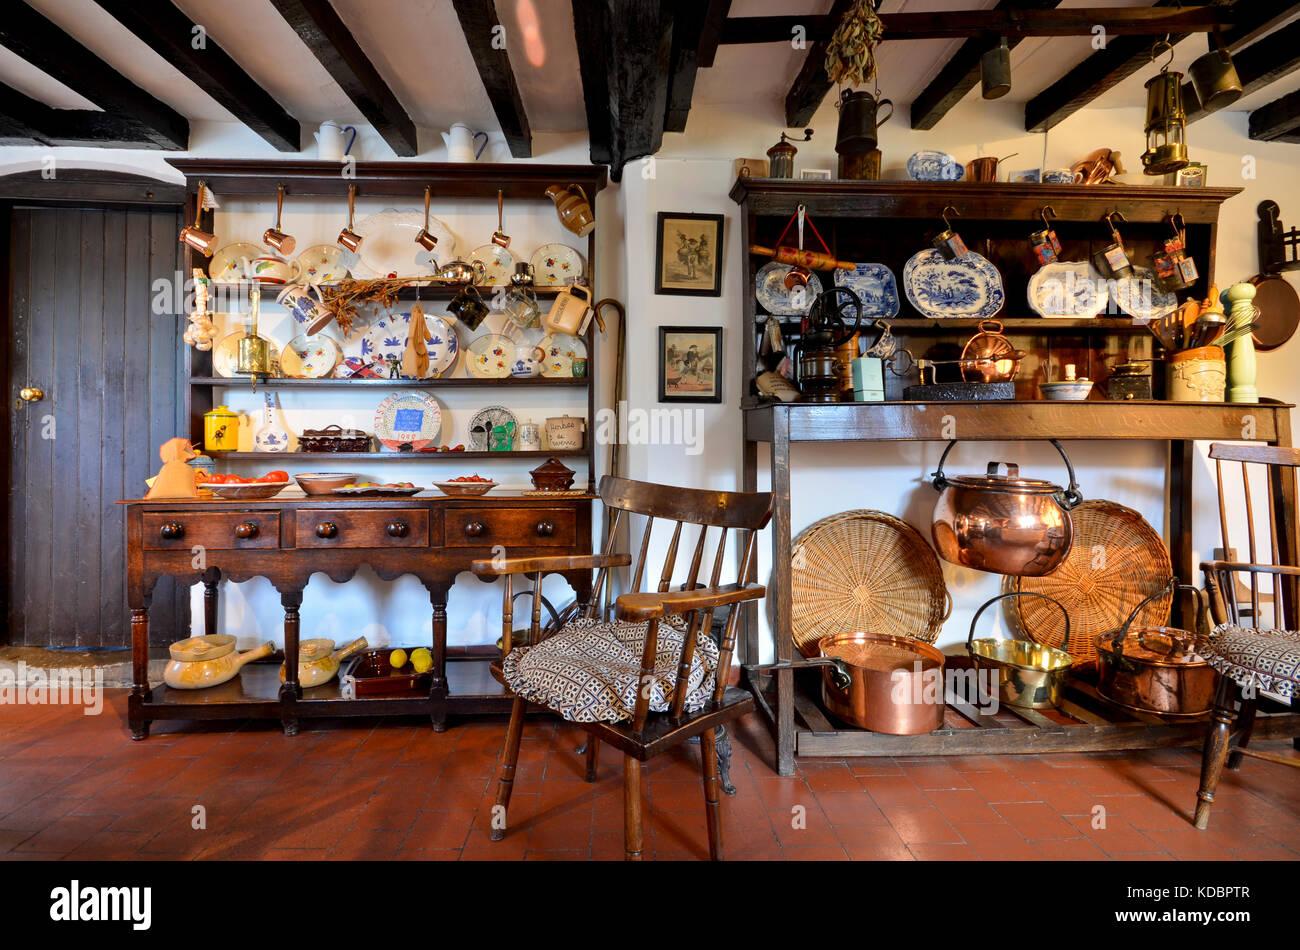 Wunderbar Bauernküche Bilder Fotos - Ideen Für Die Küche Dekoration ...